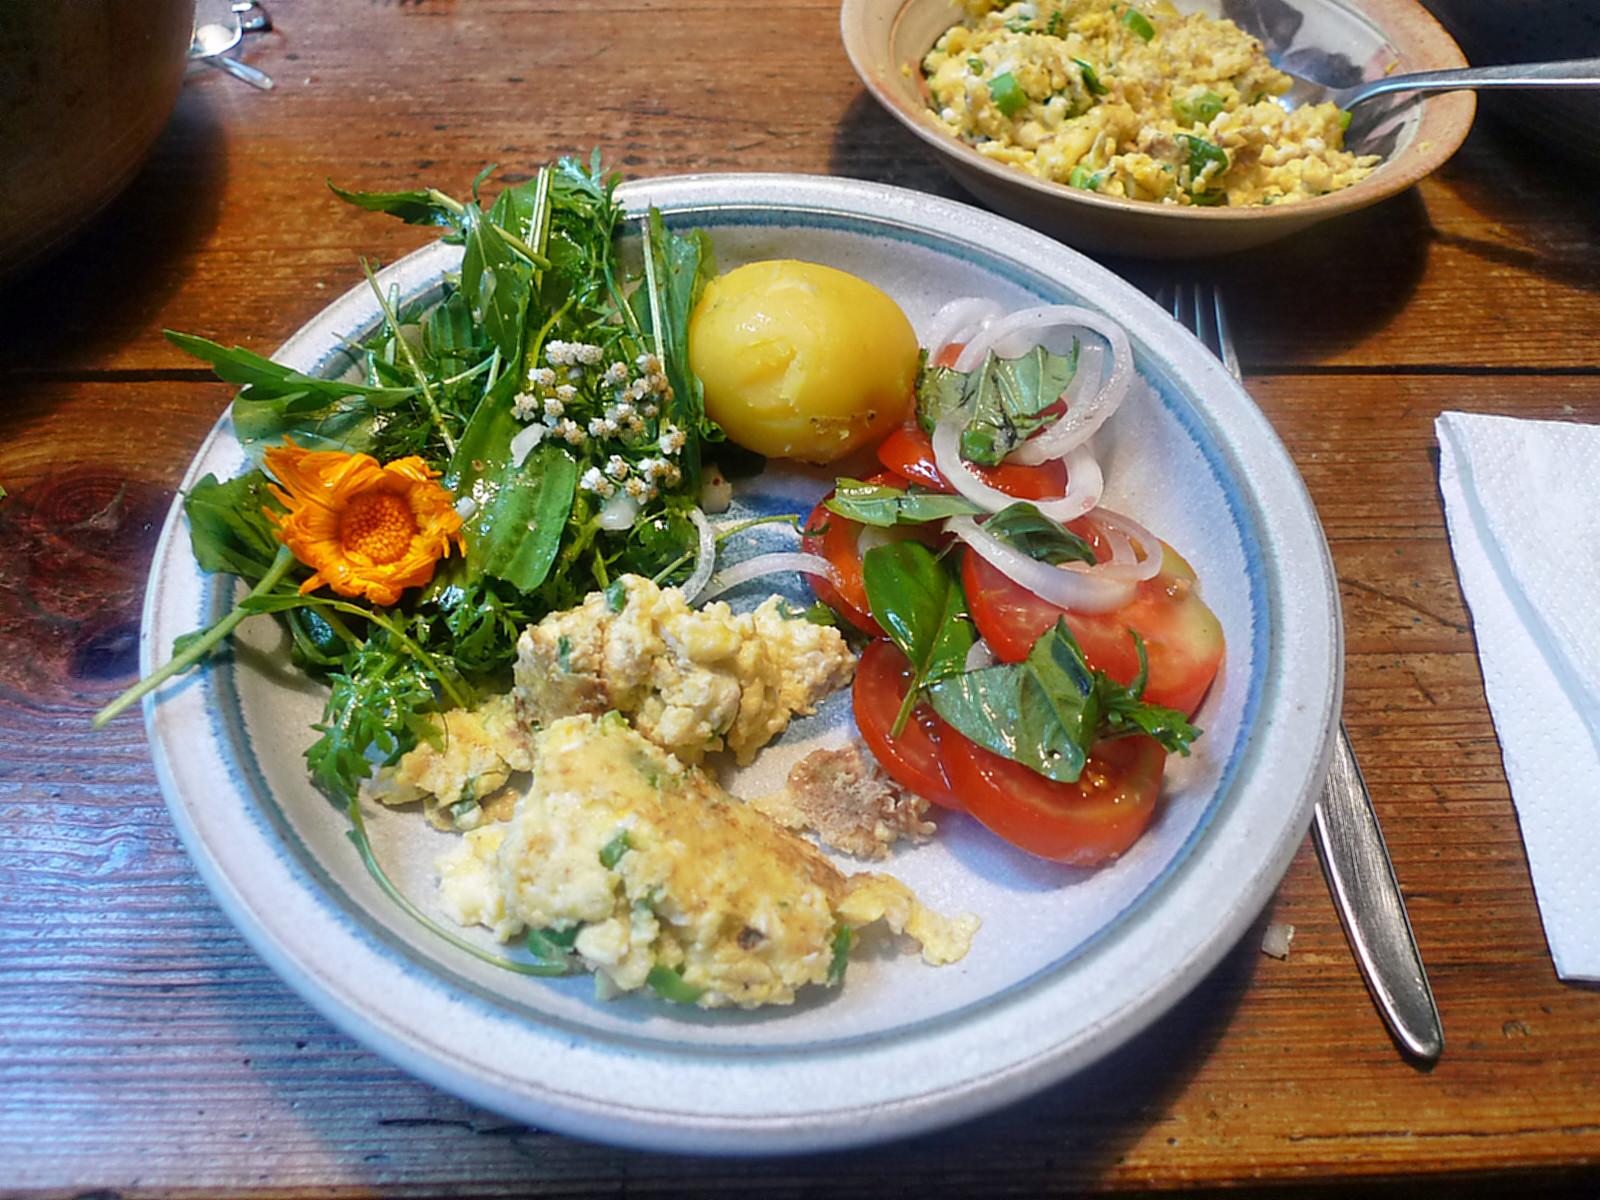 Rührei-Wildkräutersalat-Tomatensalat-Kartoffeln-25.7.14   (1)